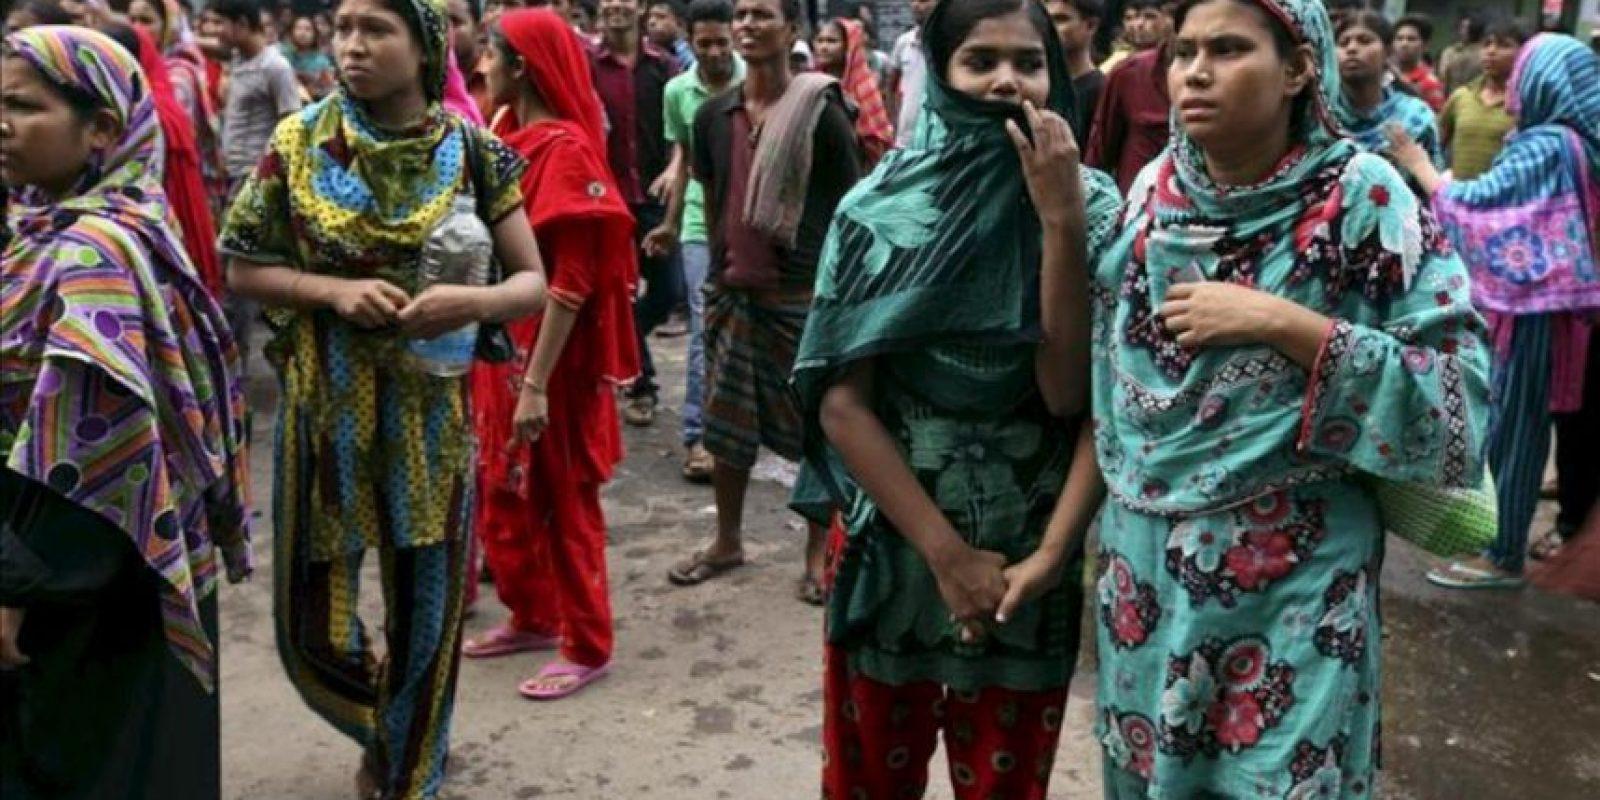 Trabajadores de la industria textil gritan consignas durante unas protestas en Dacca (Bangladesh) hoy, lunes 23 de septiembre. EFE